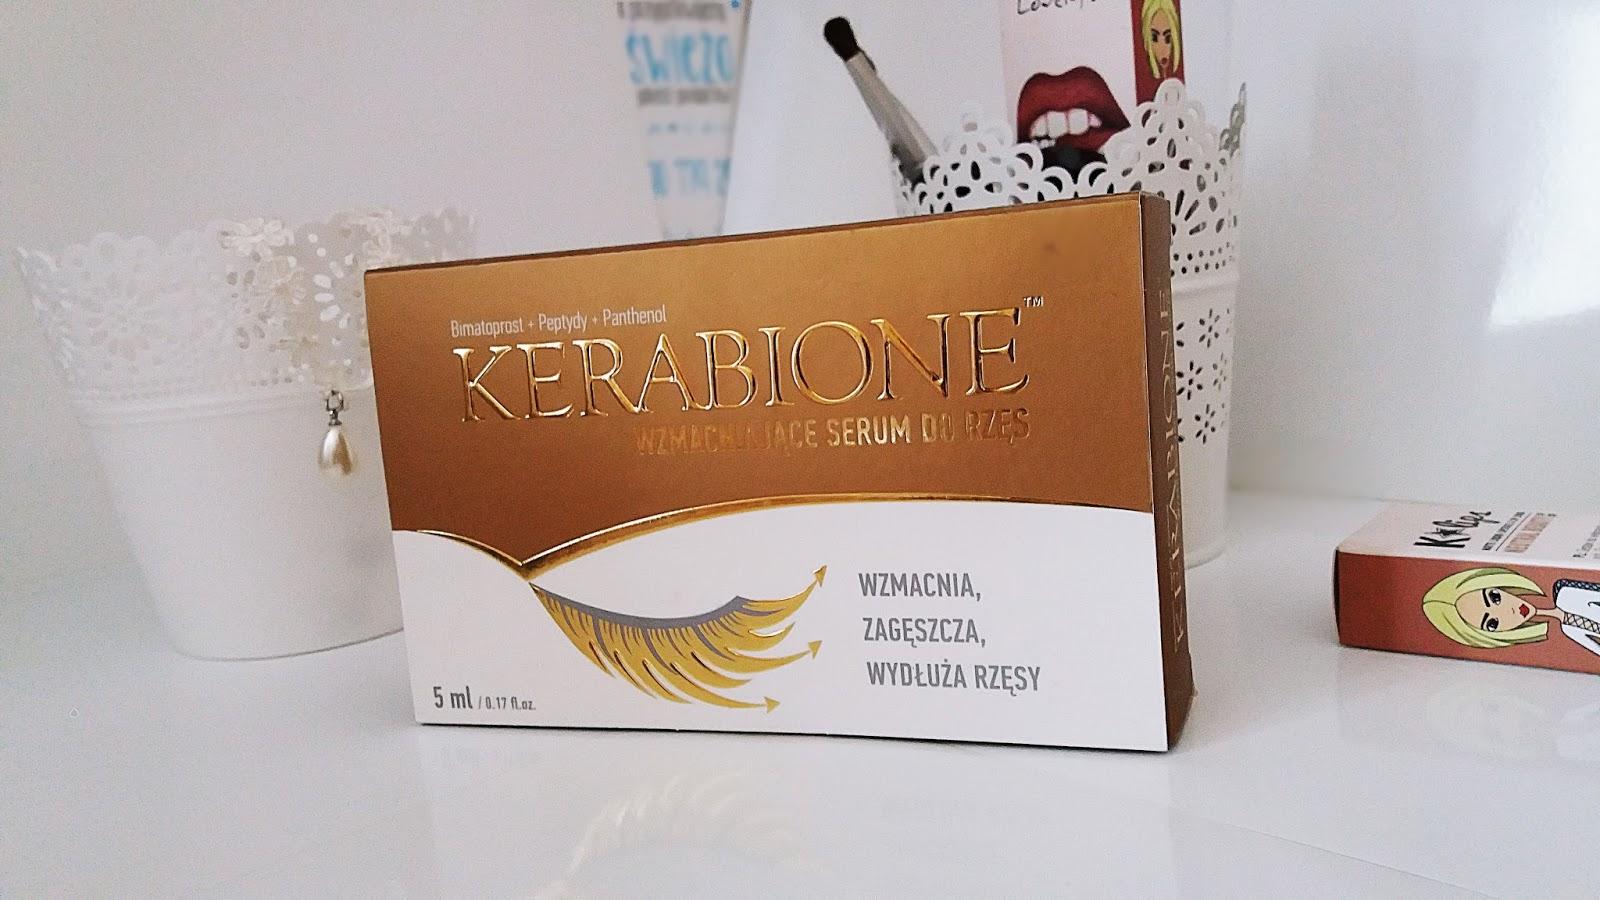 Recenzja serum do rzęs od Kerabione